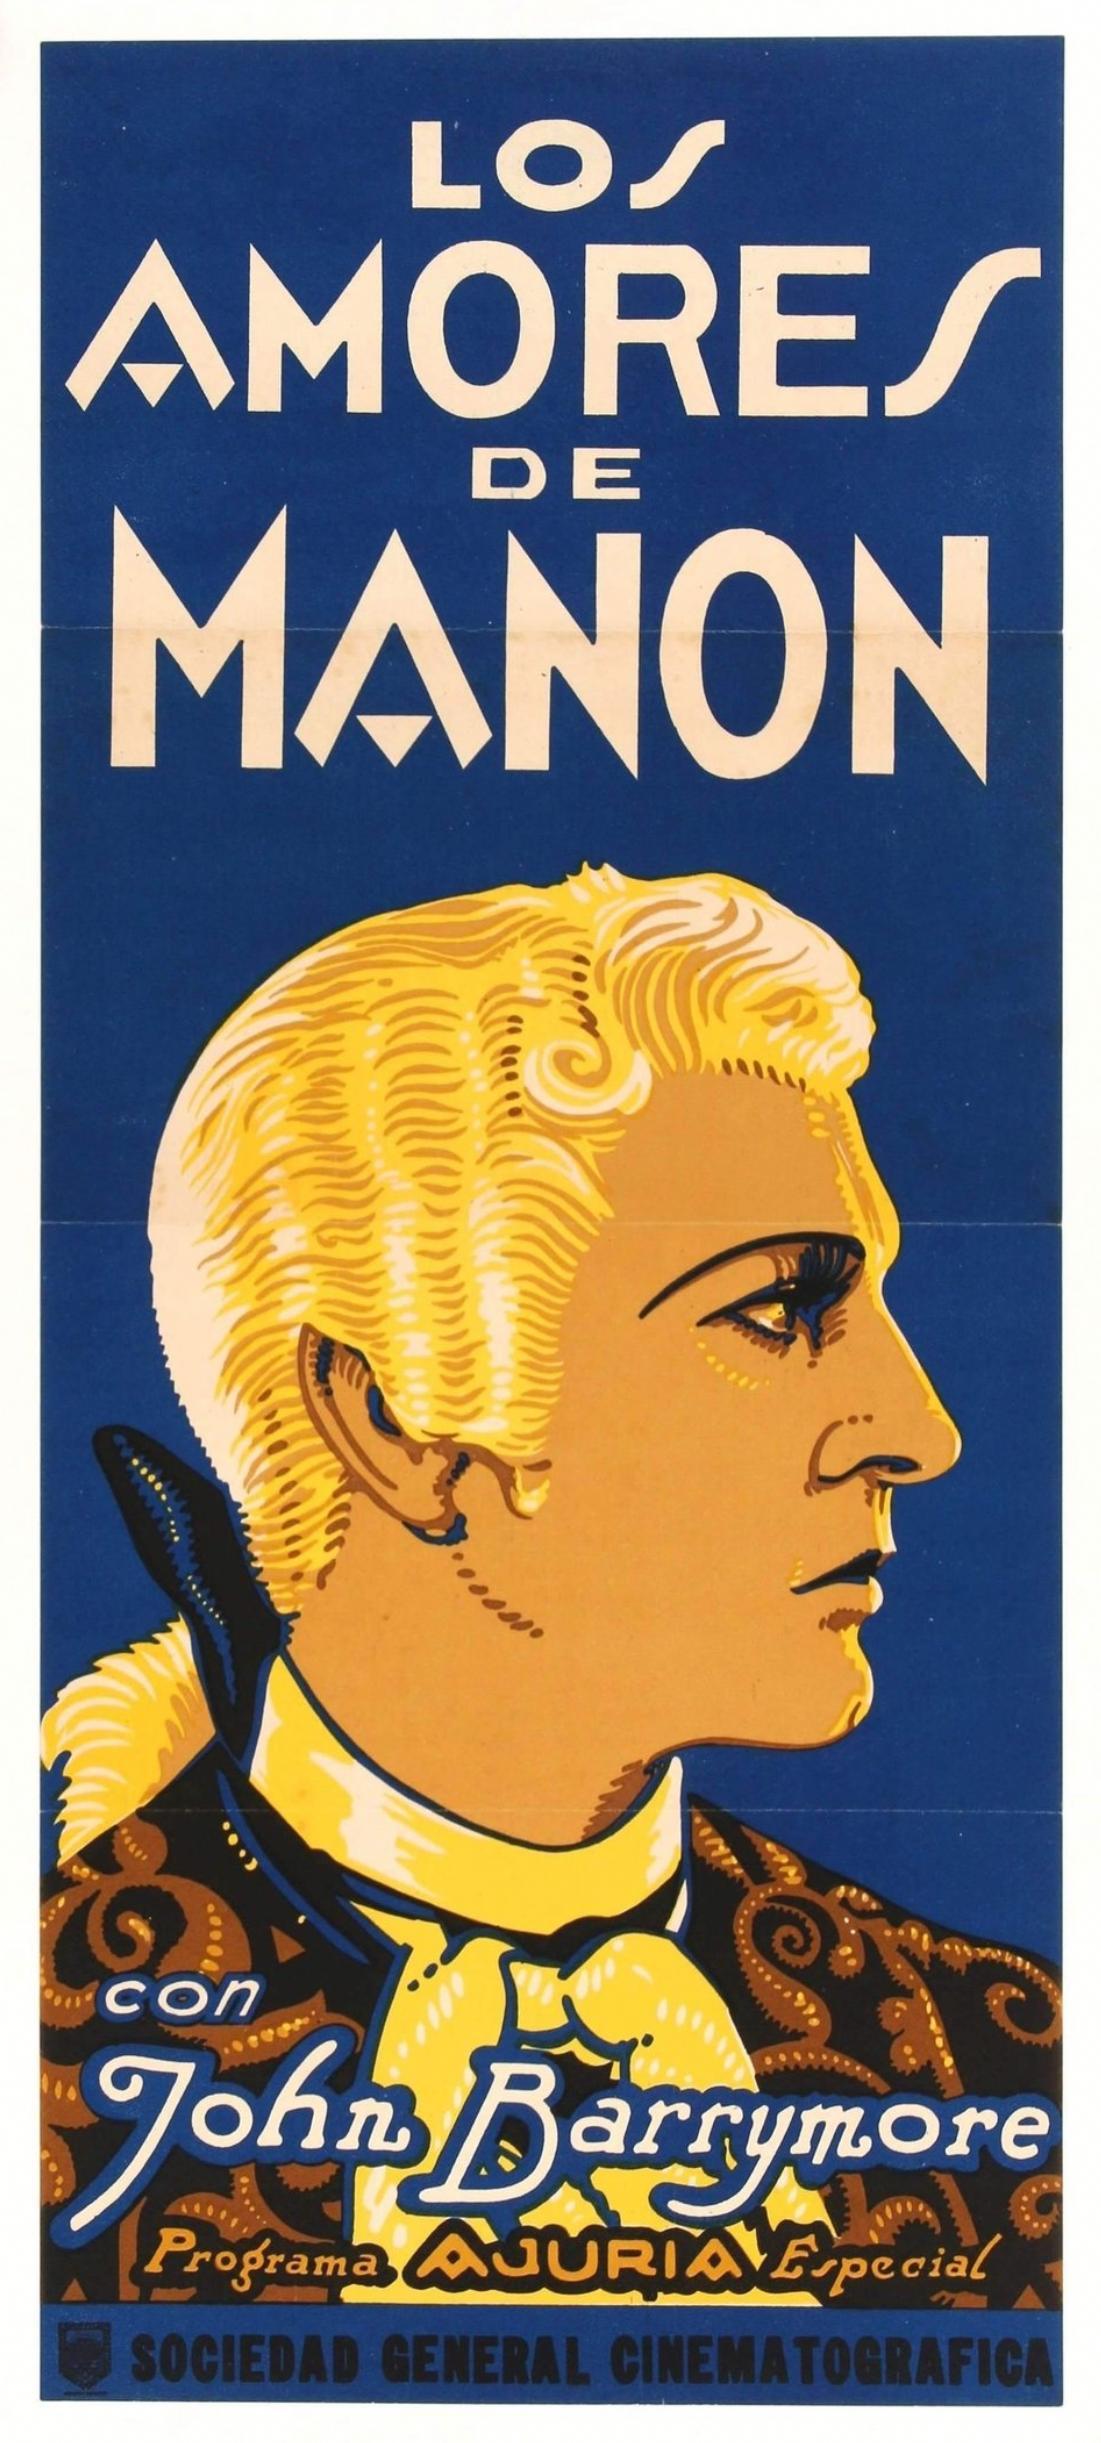 John Barrymore in When a Man Loves (1927)